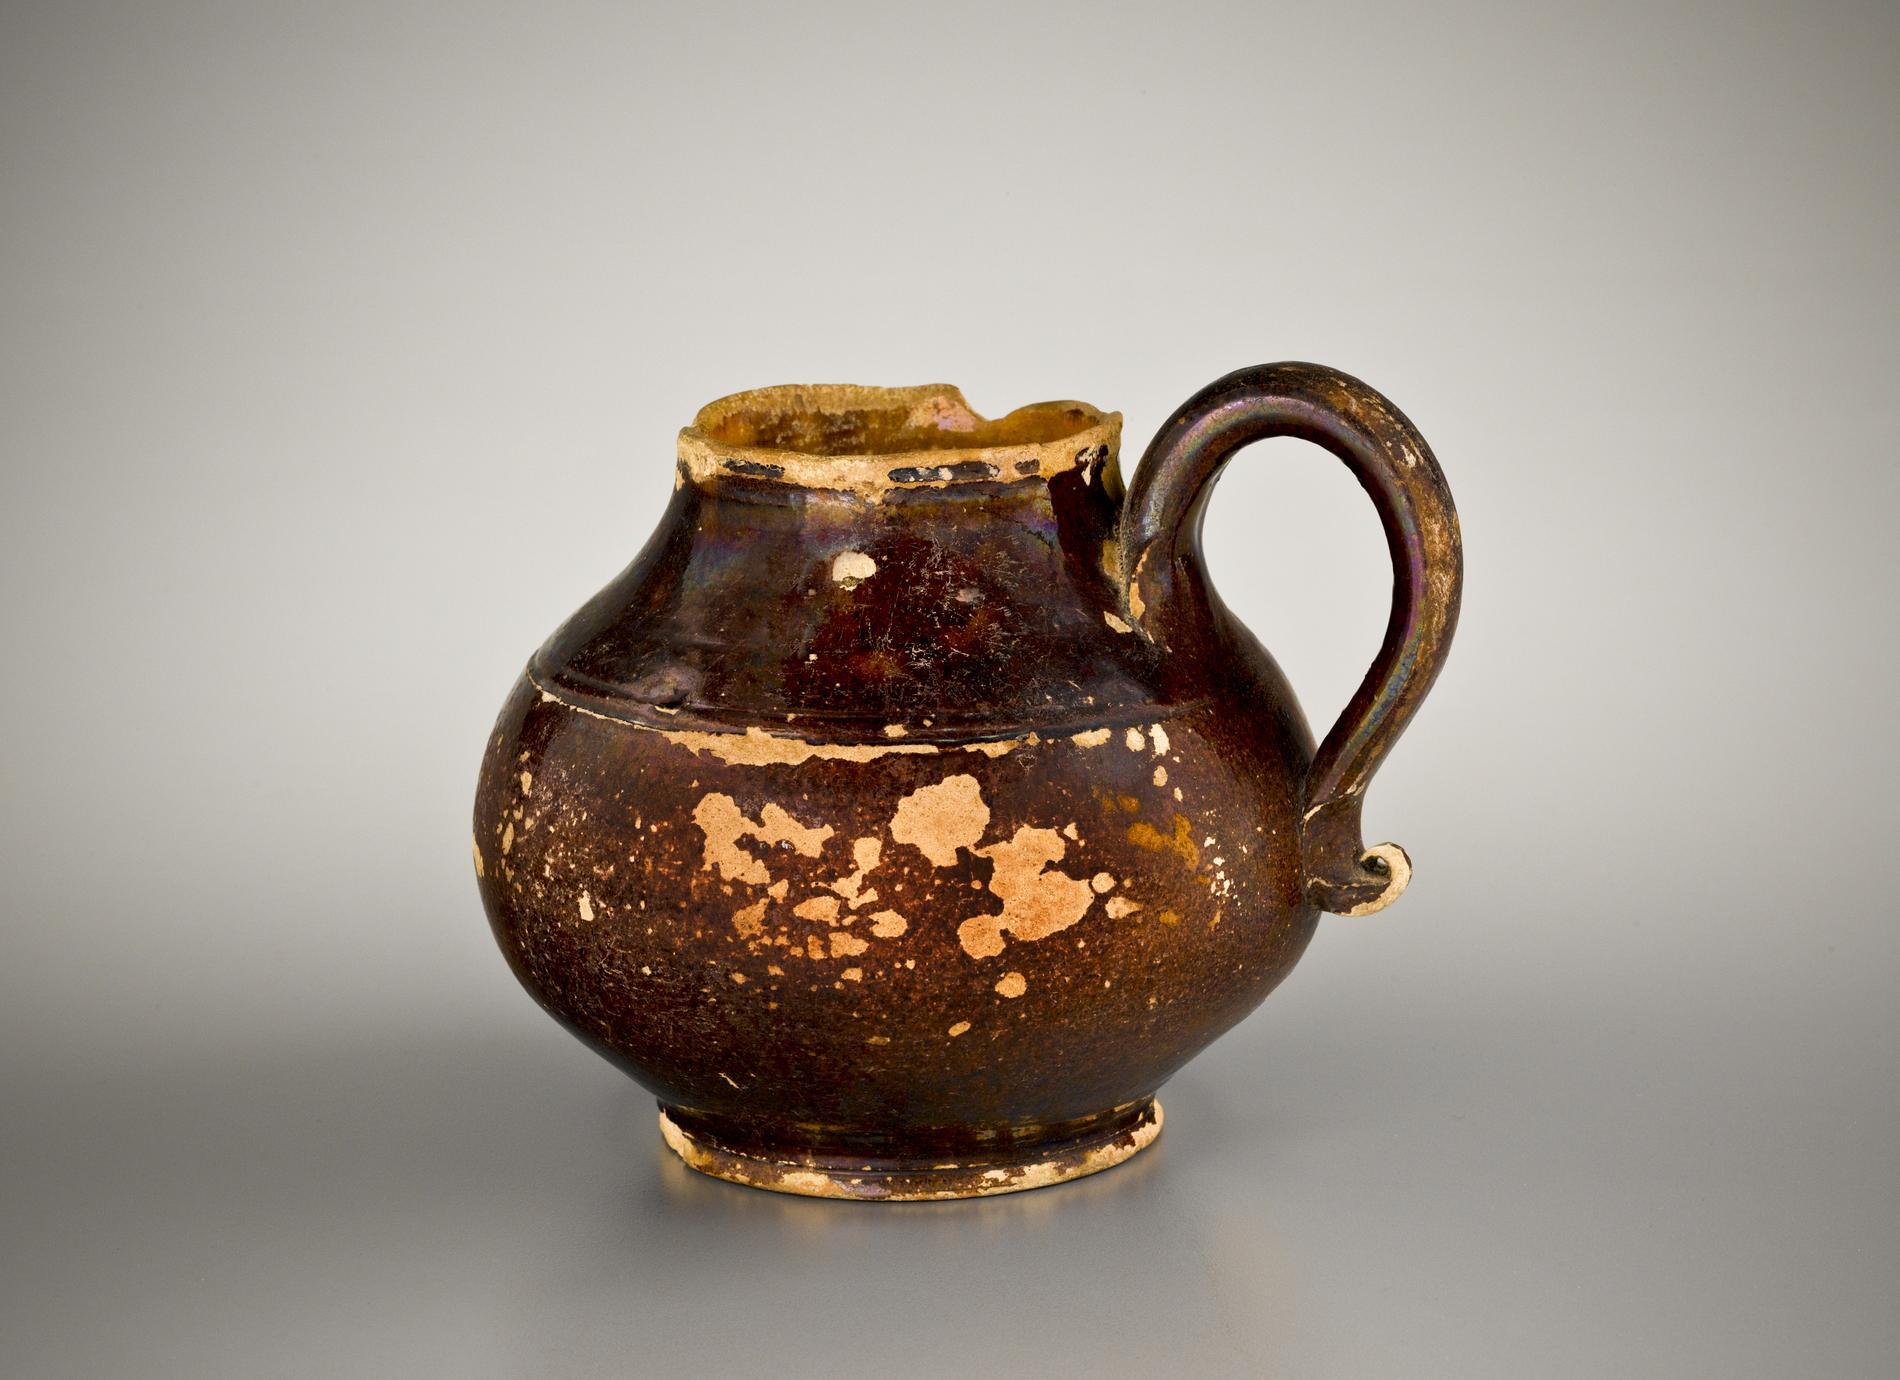 Teapot (1 of 3)